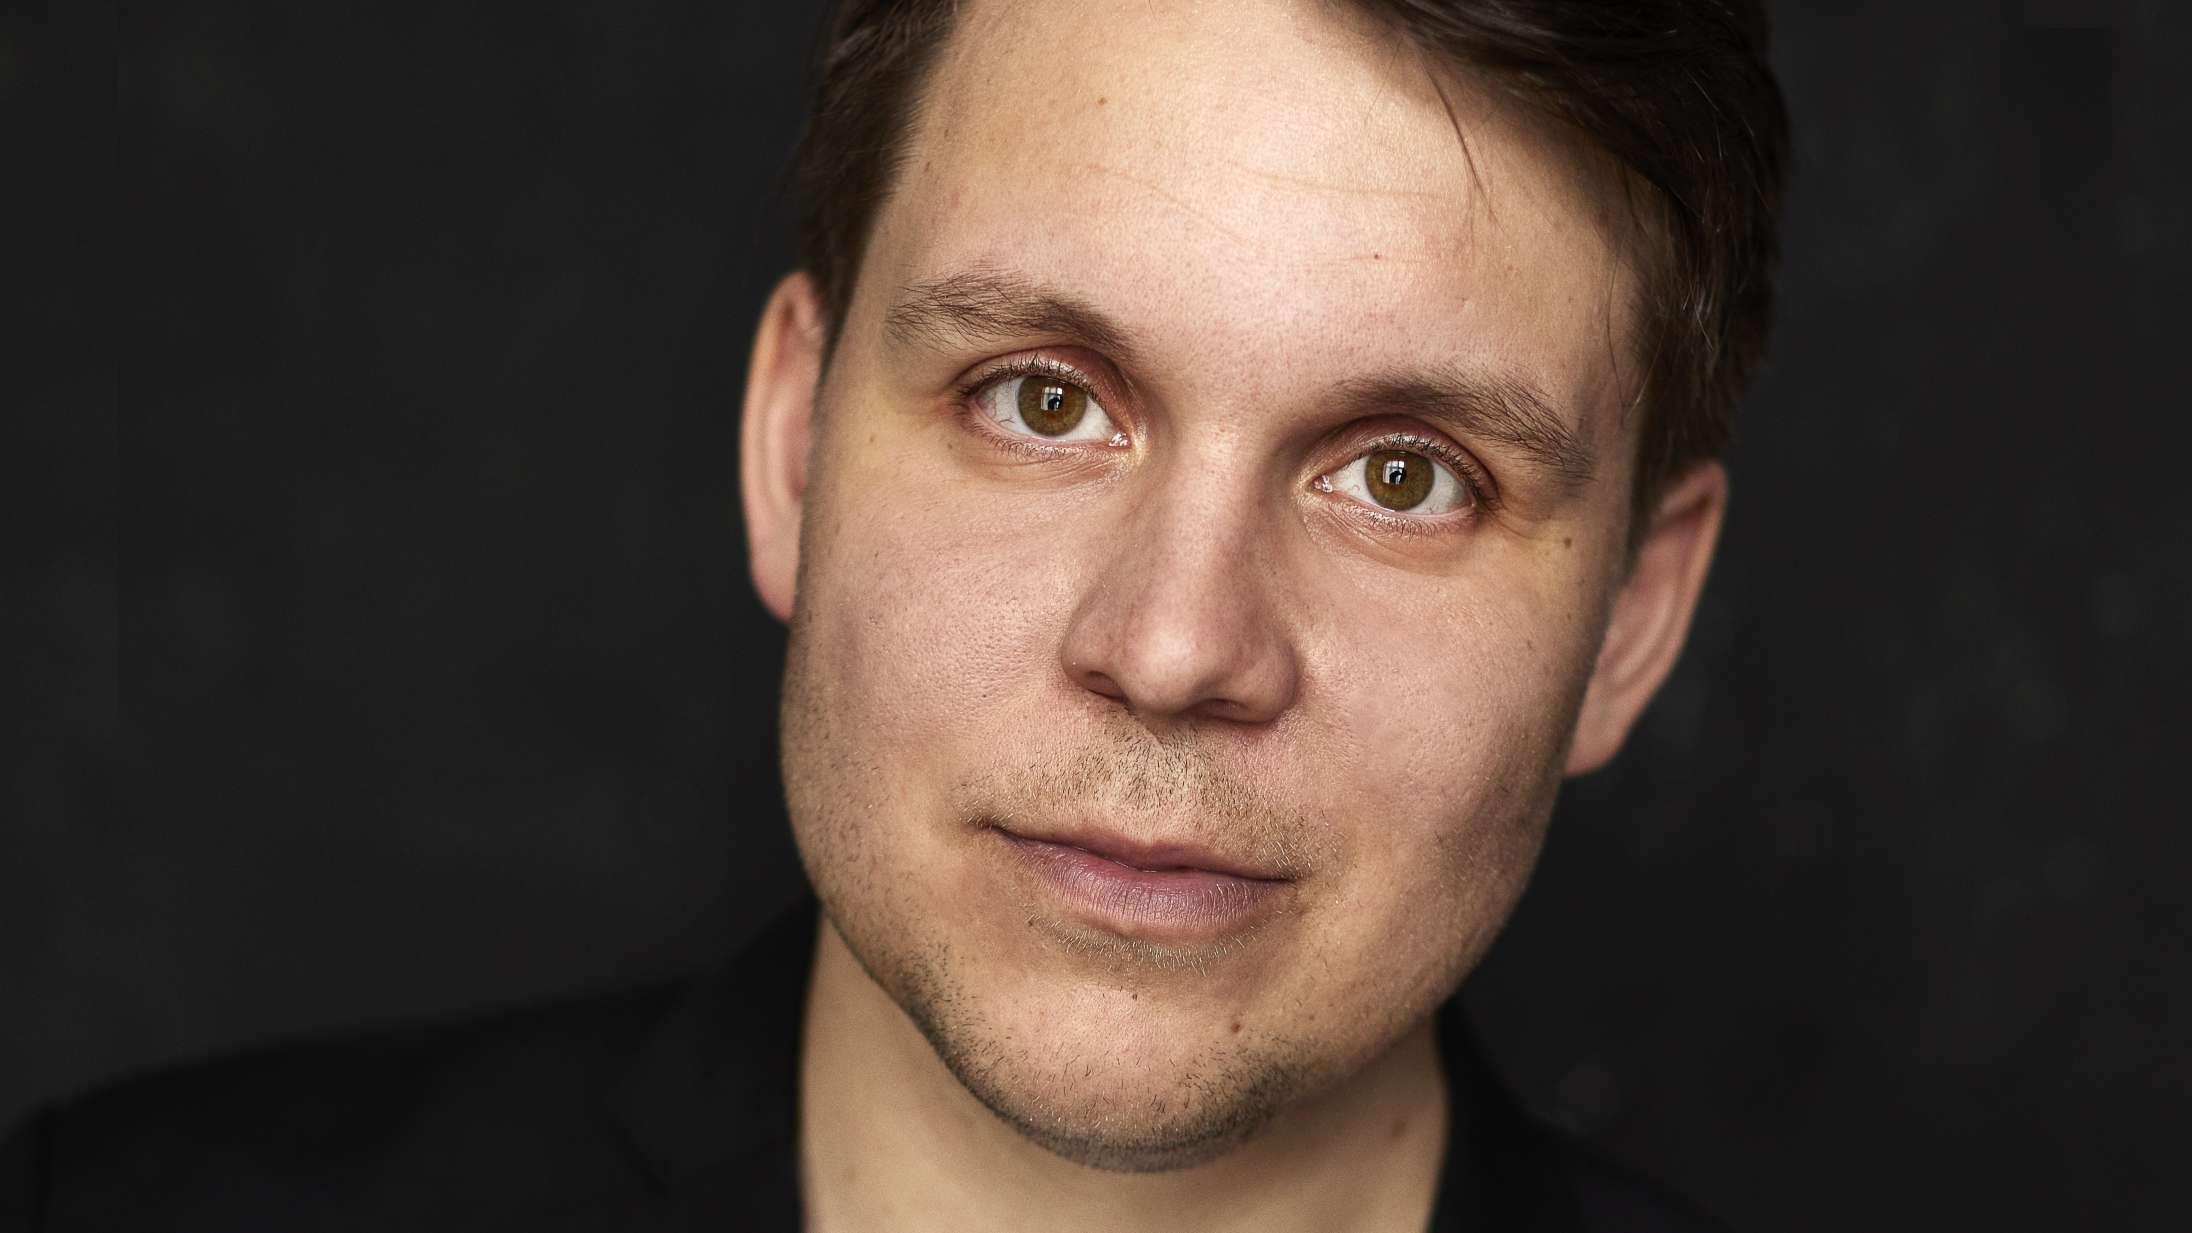 Kasper droppede ud af jura – søndag kan han vinde en Oscar for 'Druk'